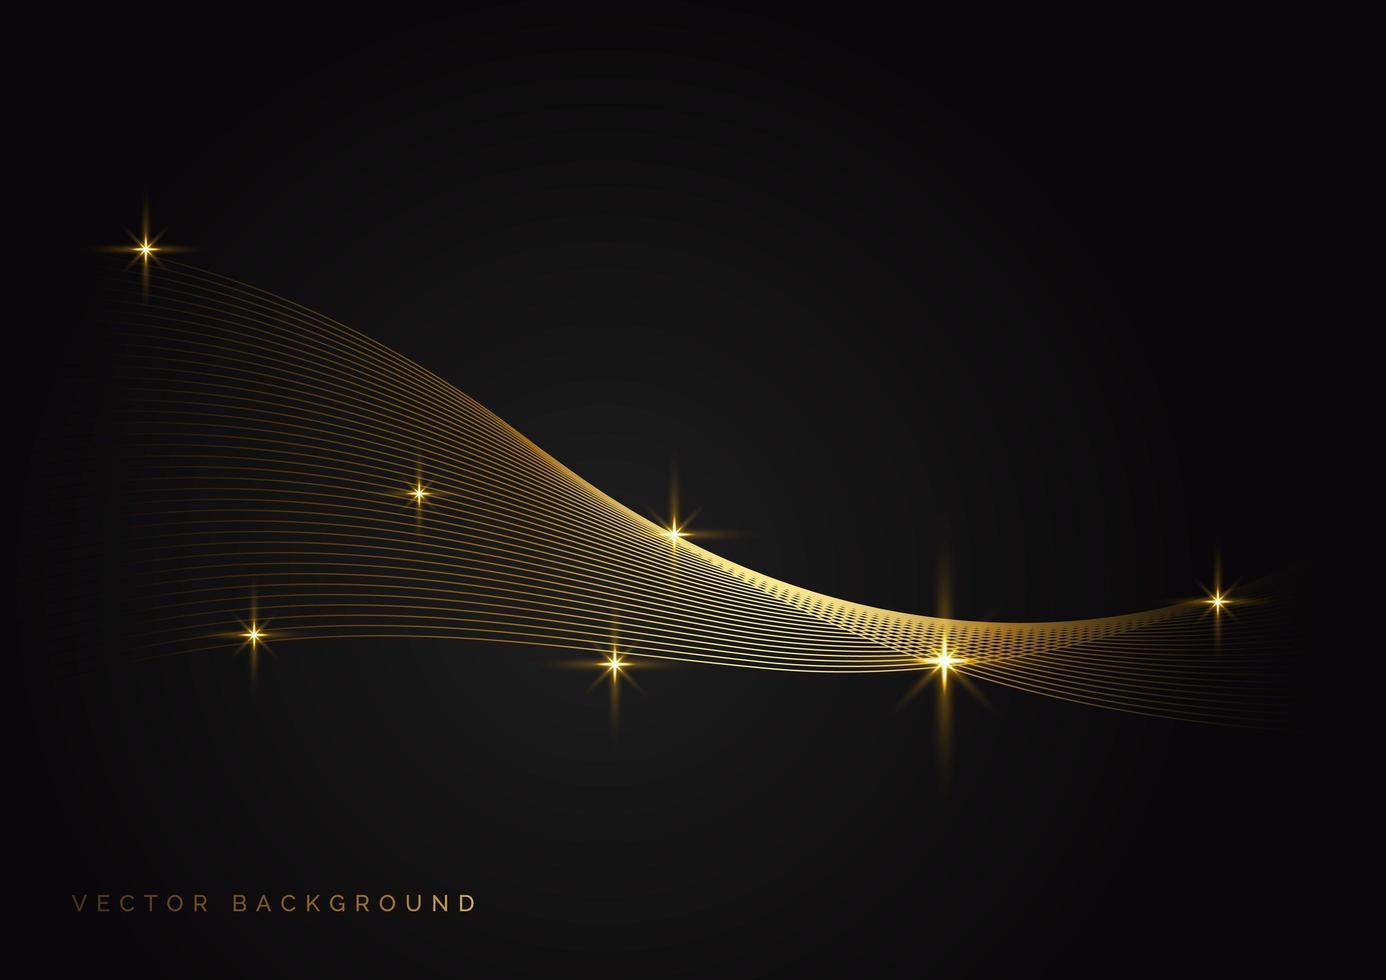 onda dourada abstrata em fundo escuro com efeito de luz vetor